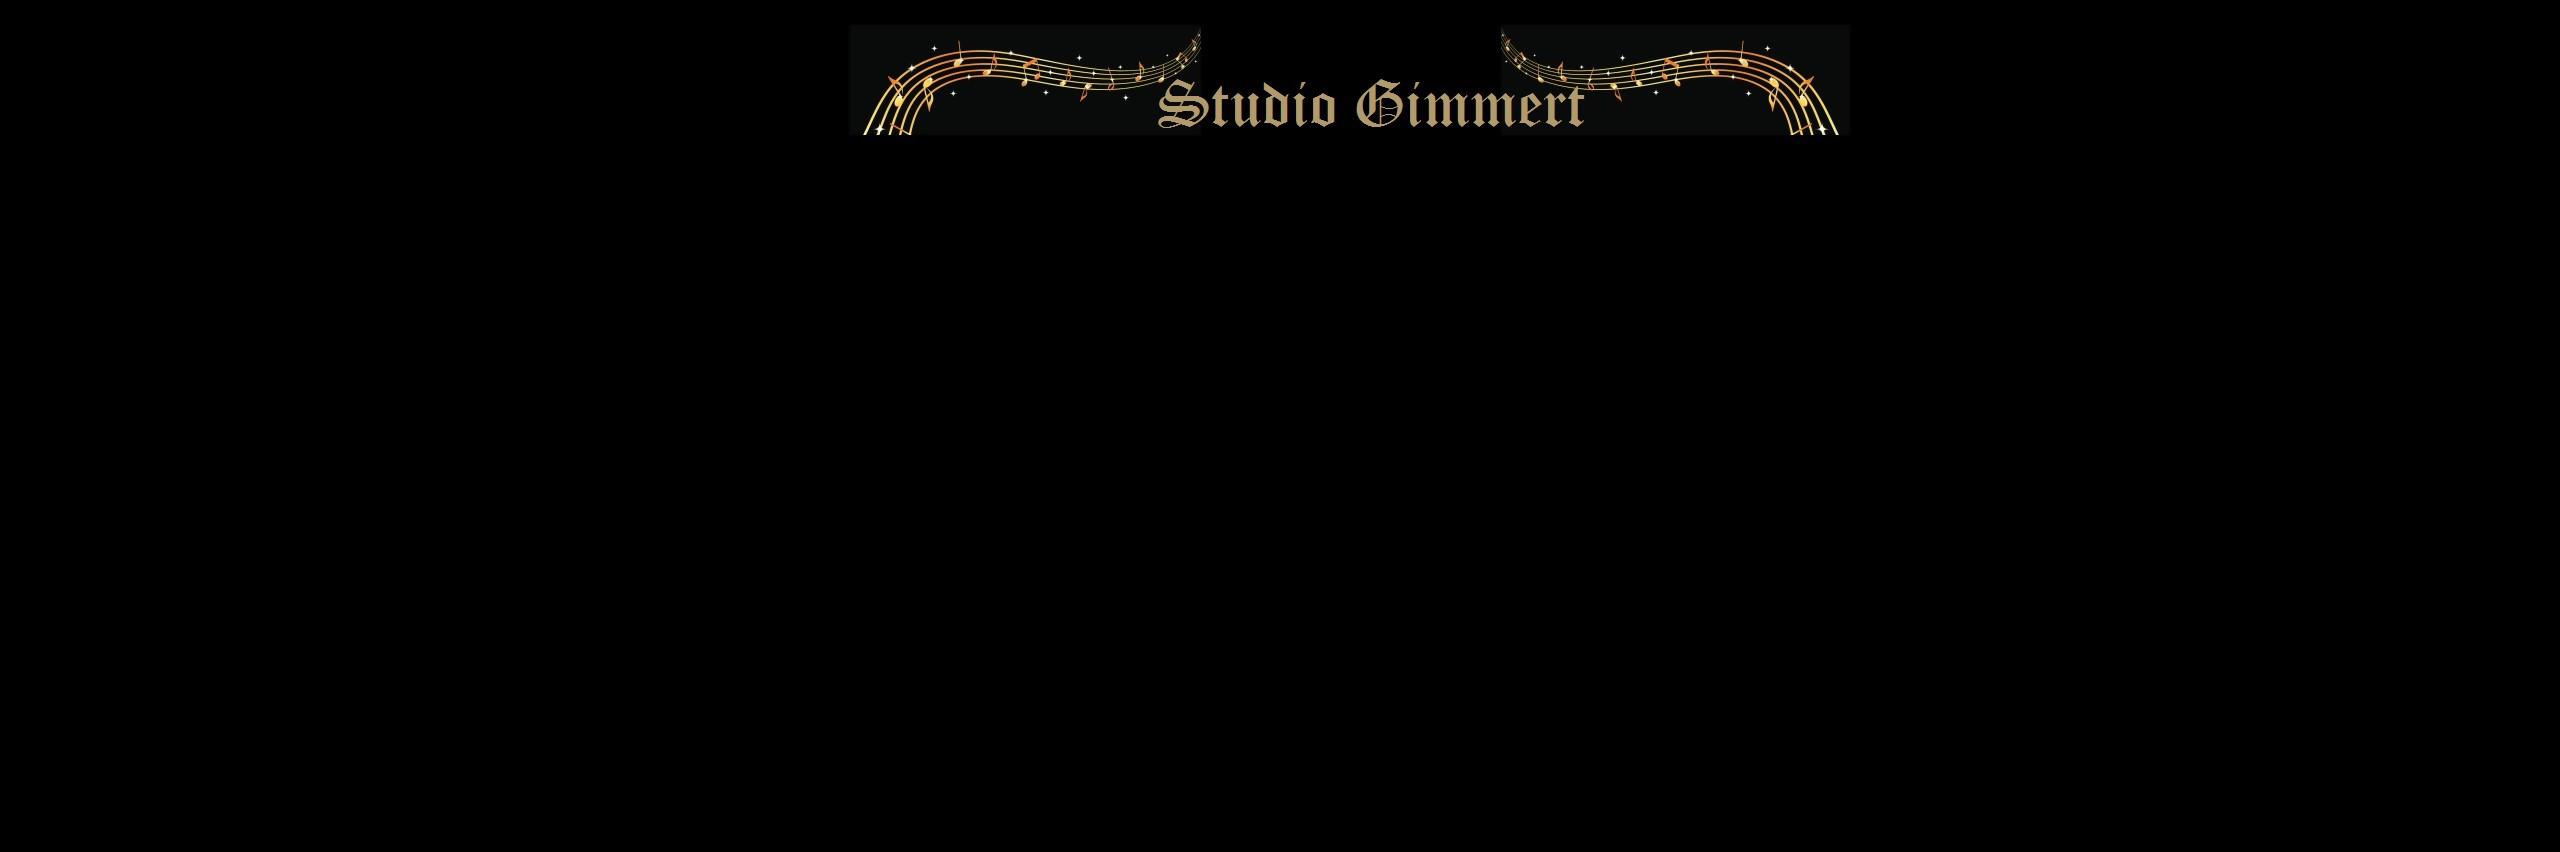 Studio Gimmert